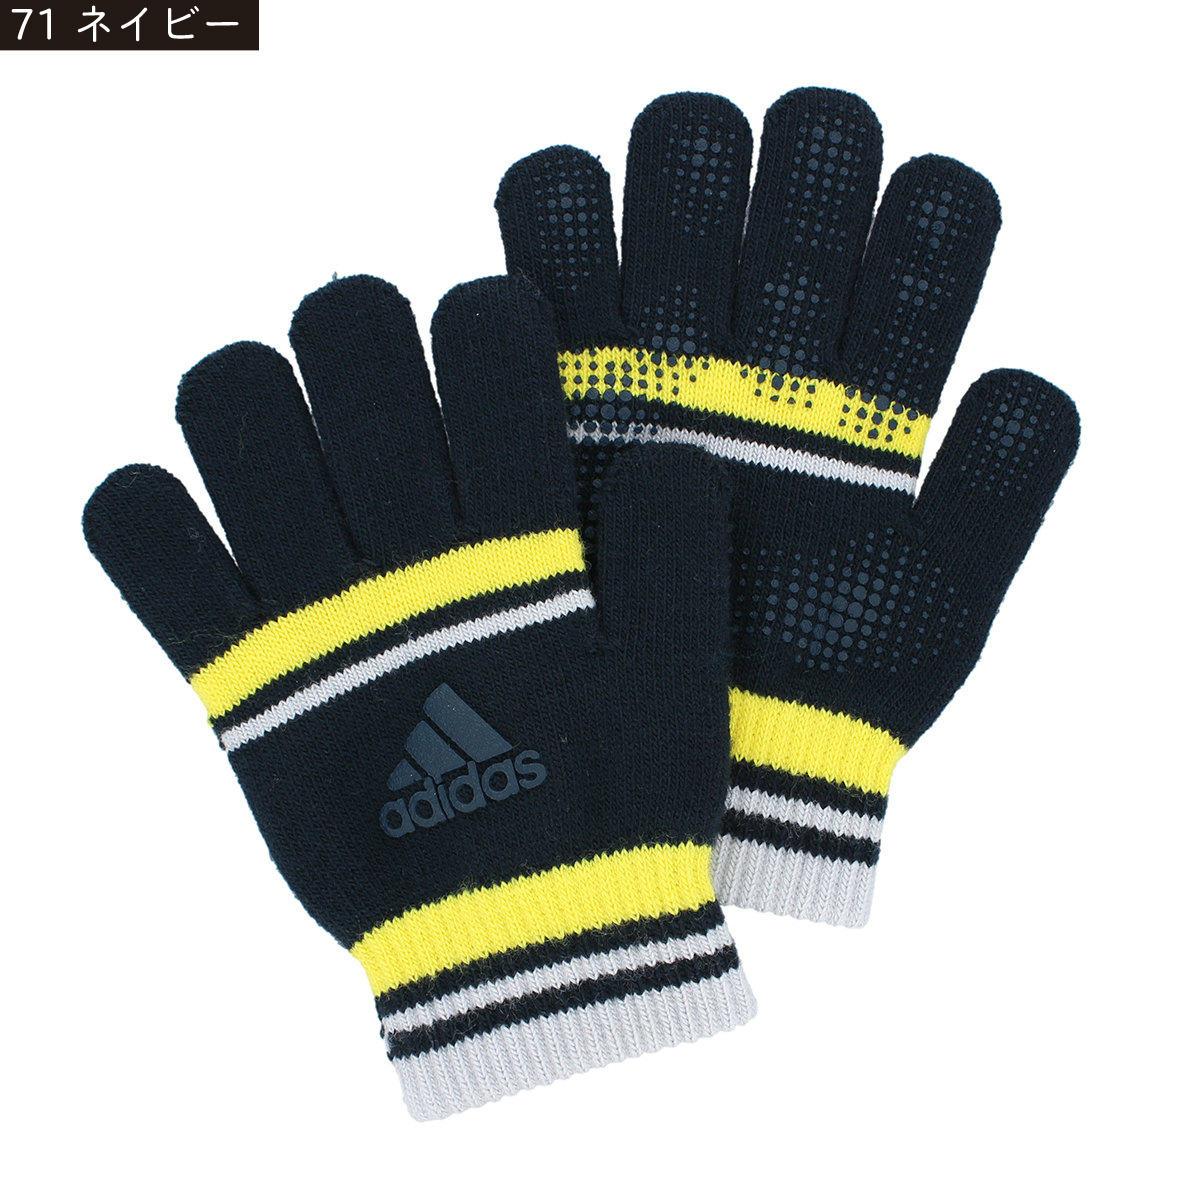 アディダス キッズ ボーイズ のびのび ニット手袋 Sサイズ 日本製 スポーツ 通学 通園 LOGOラバープリント